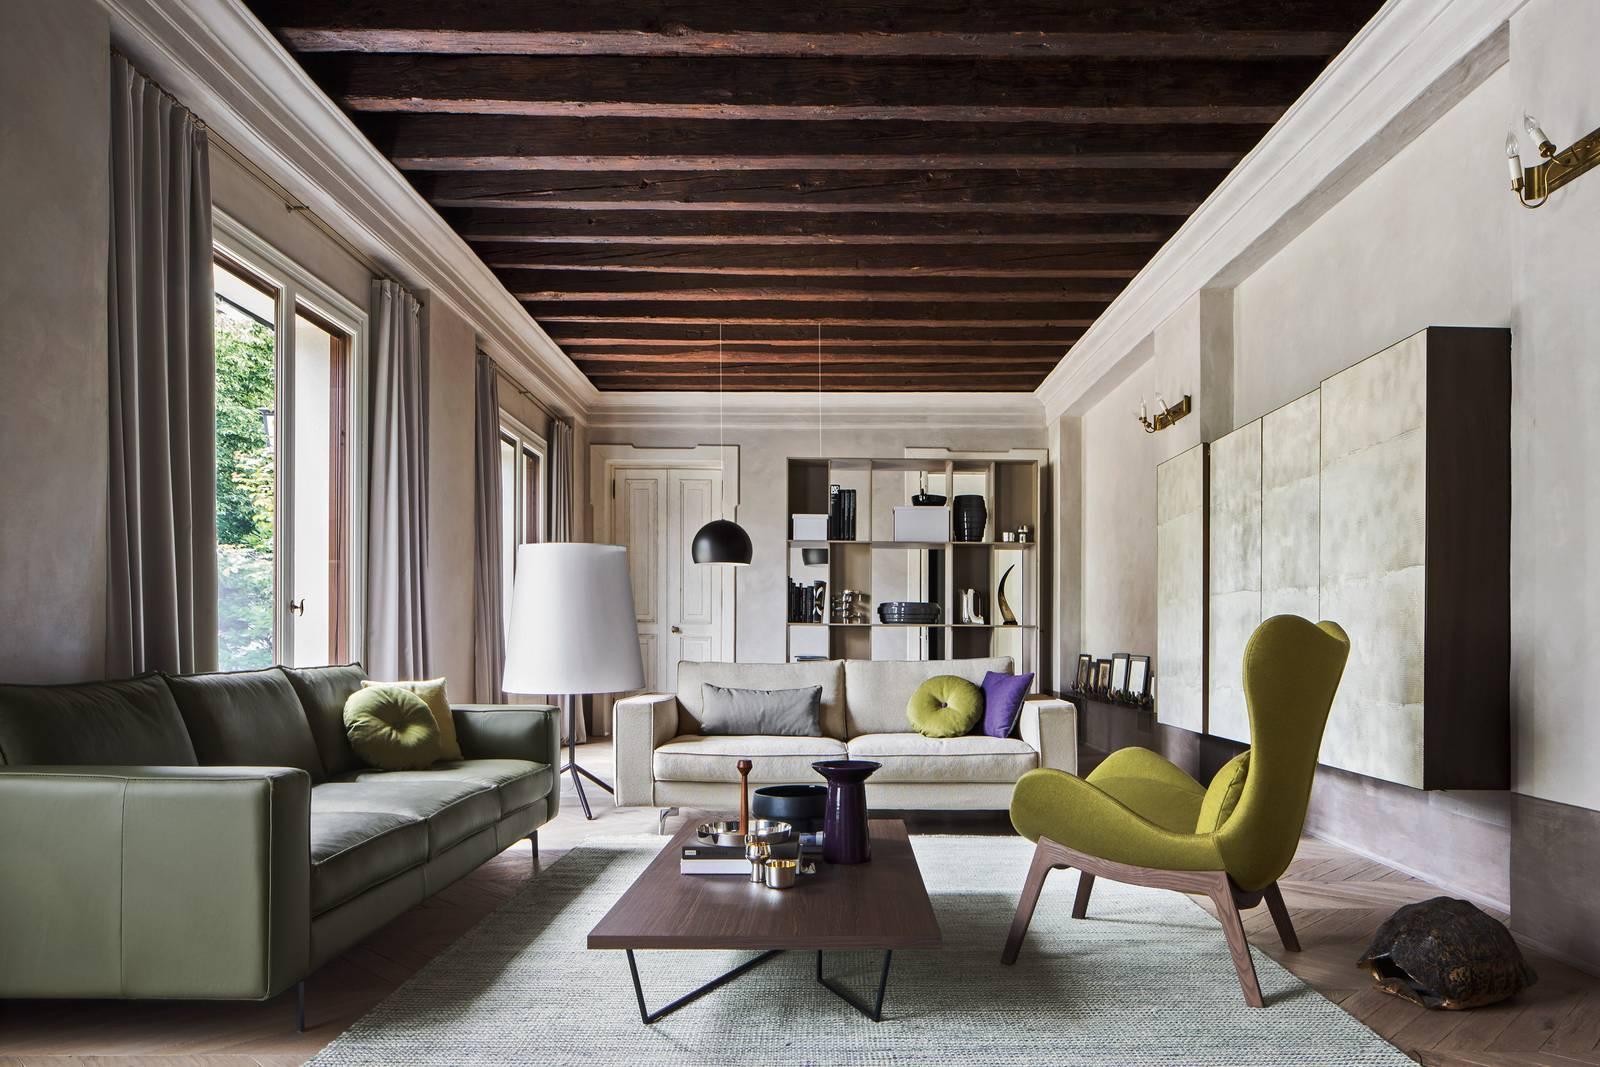 Arredare il soggiorno: 5 soluzioni di stile diverso cose di casa